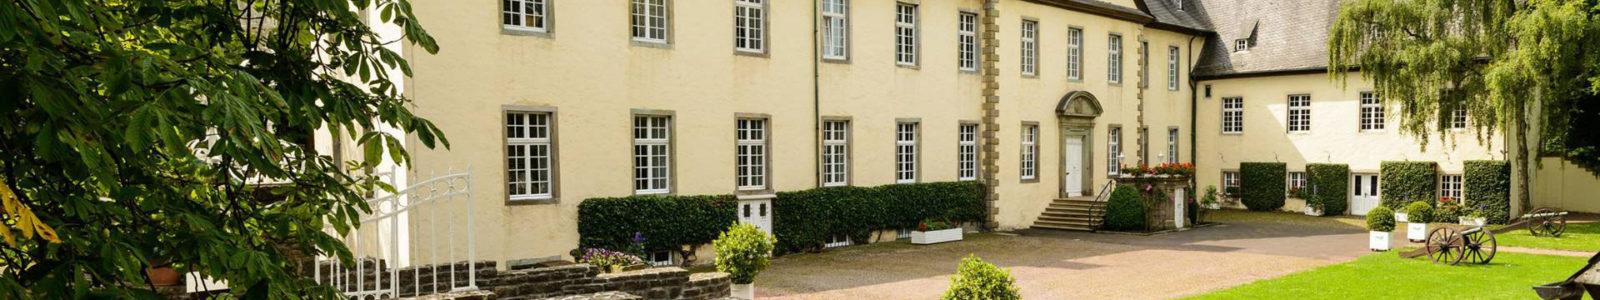 Schloss Wocklum